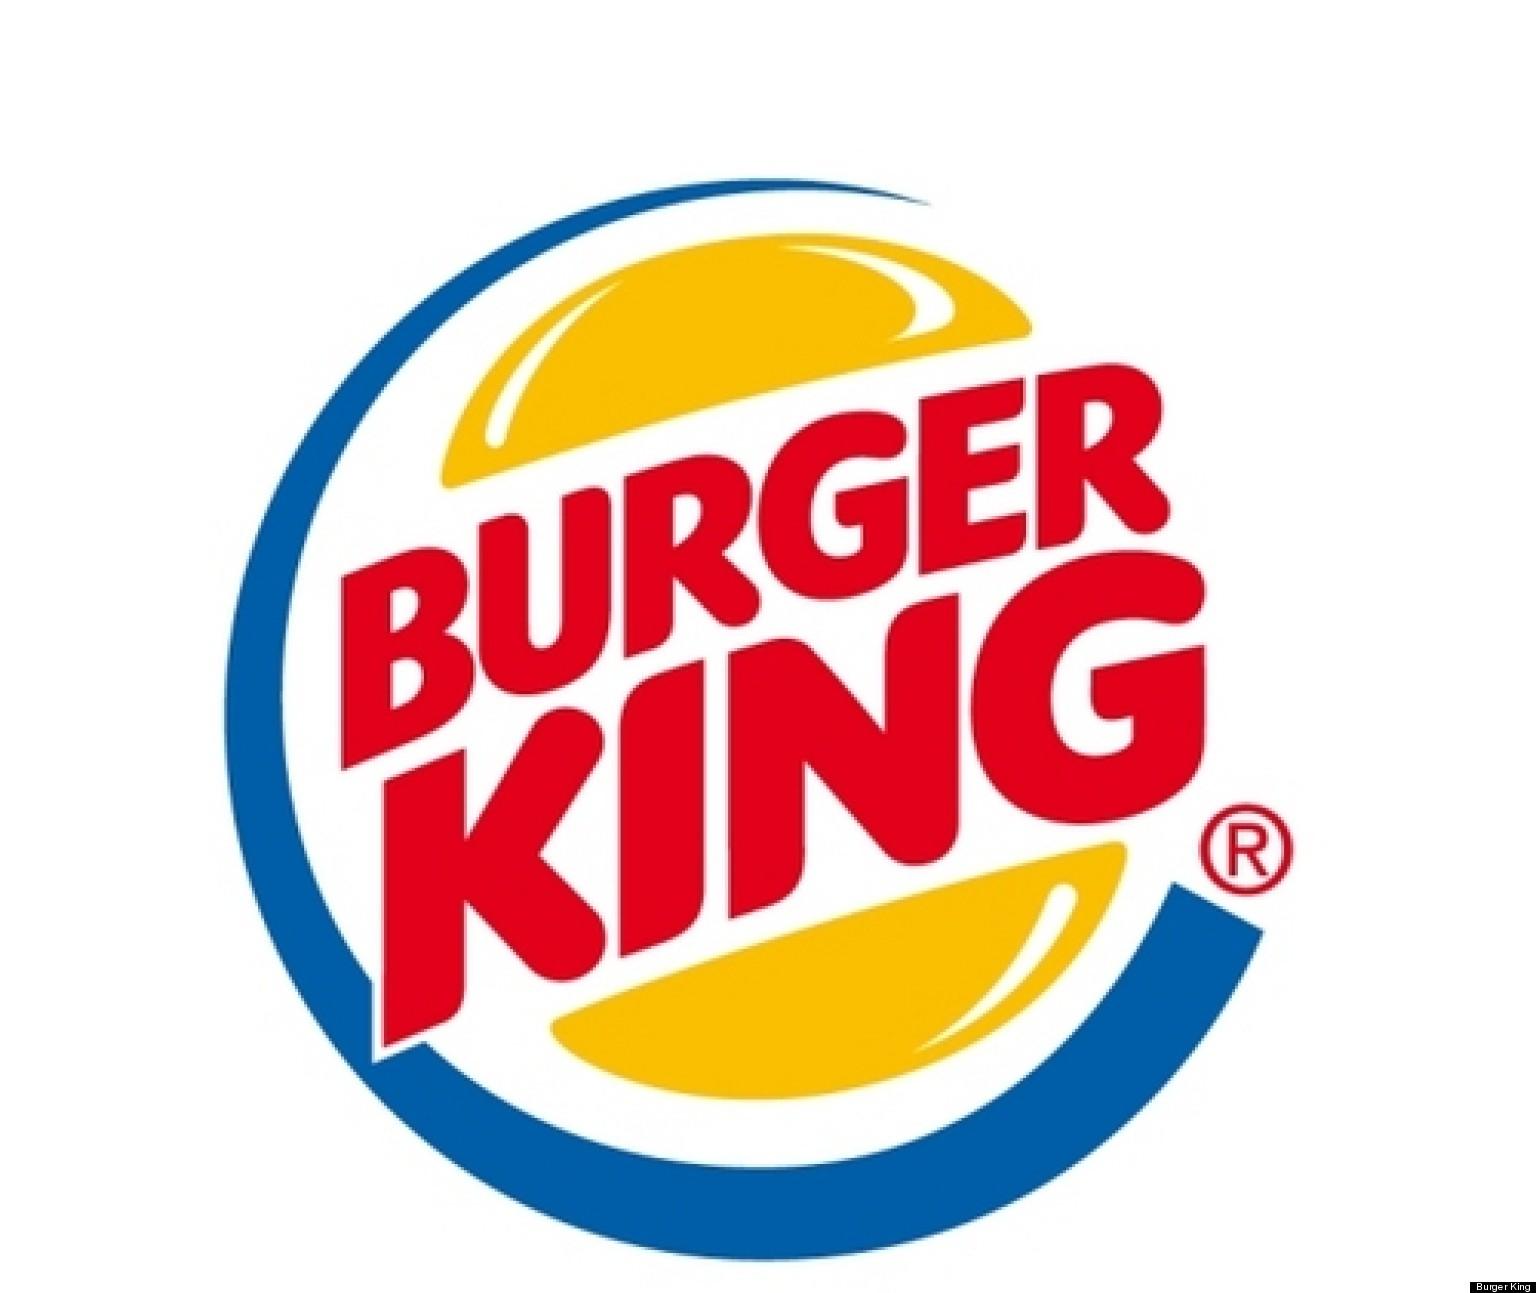 29 restaurantes cerrados y  434 personas sin empleo deja Burger King en Costa Rica